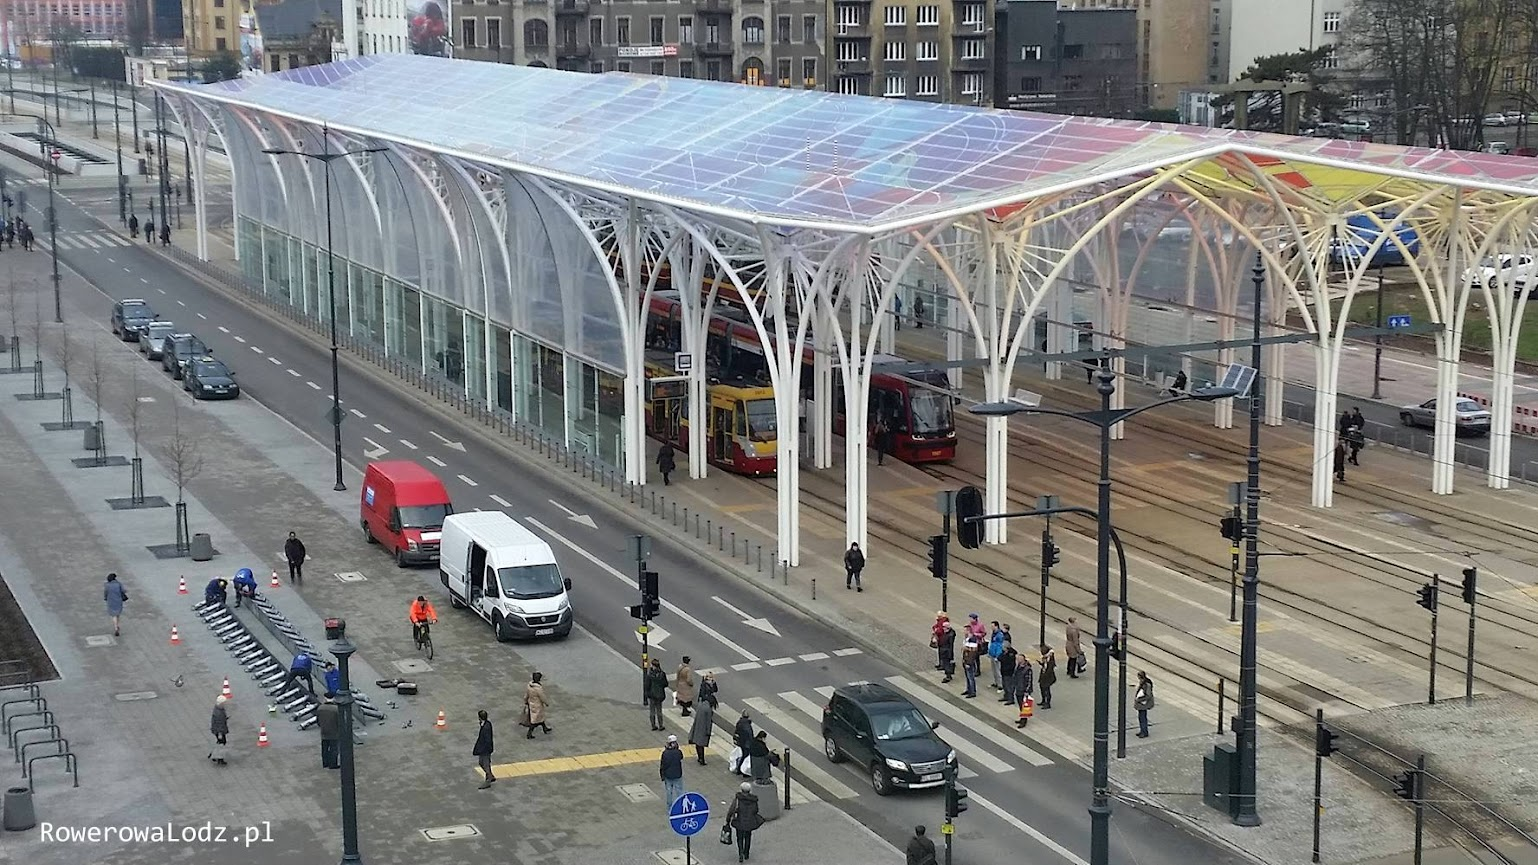 Pierwsza stacja stanęła pomiędzy Centralem a dworcem tramwajowym